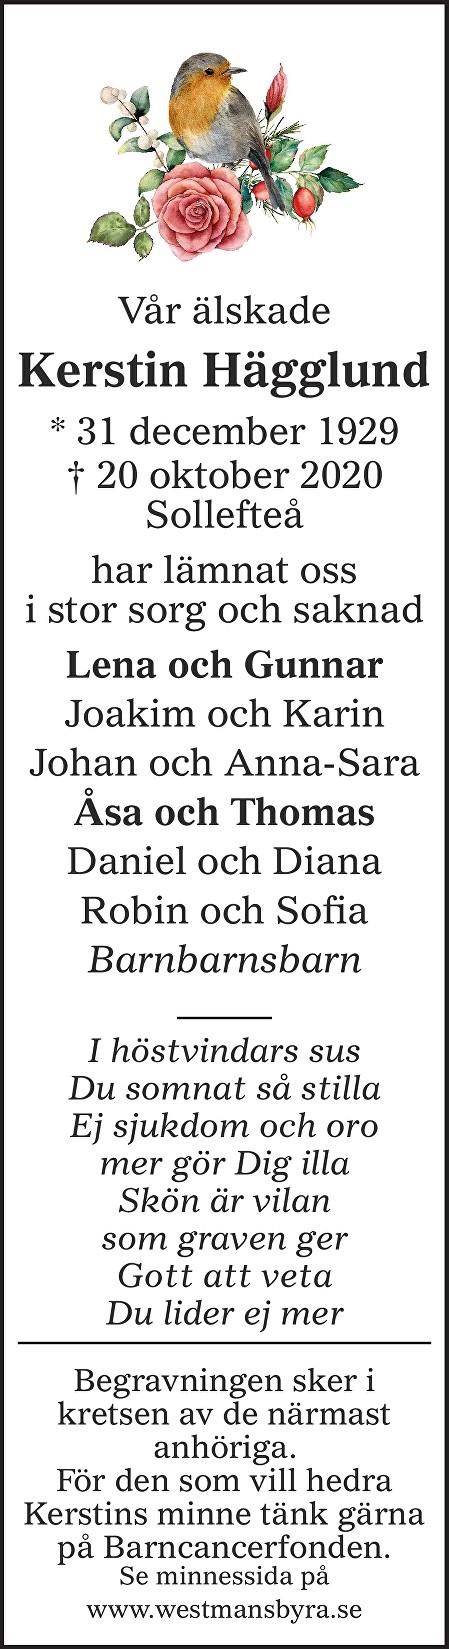 Kerstin Hägglund Death notice